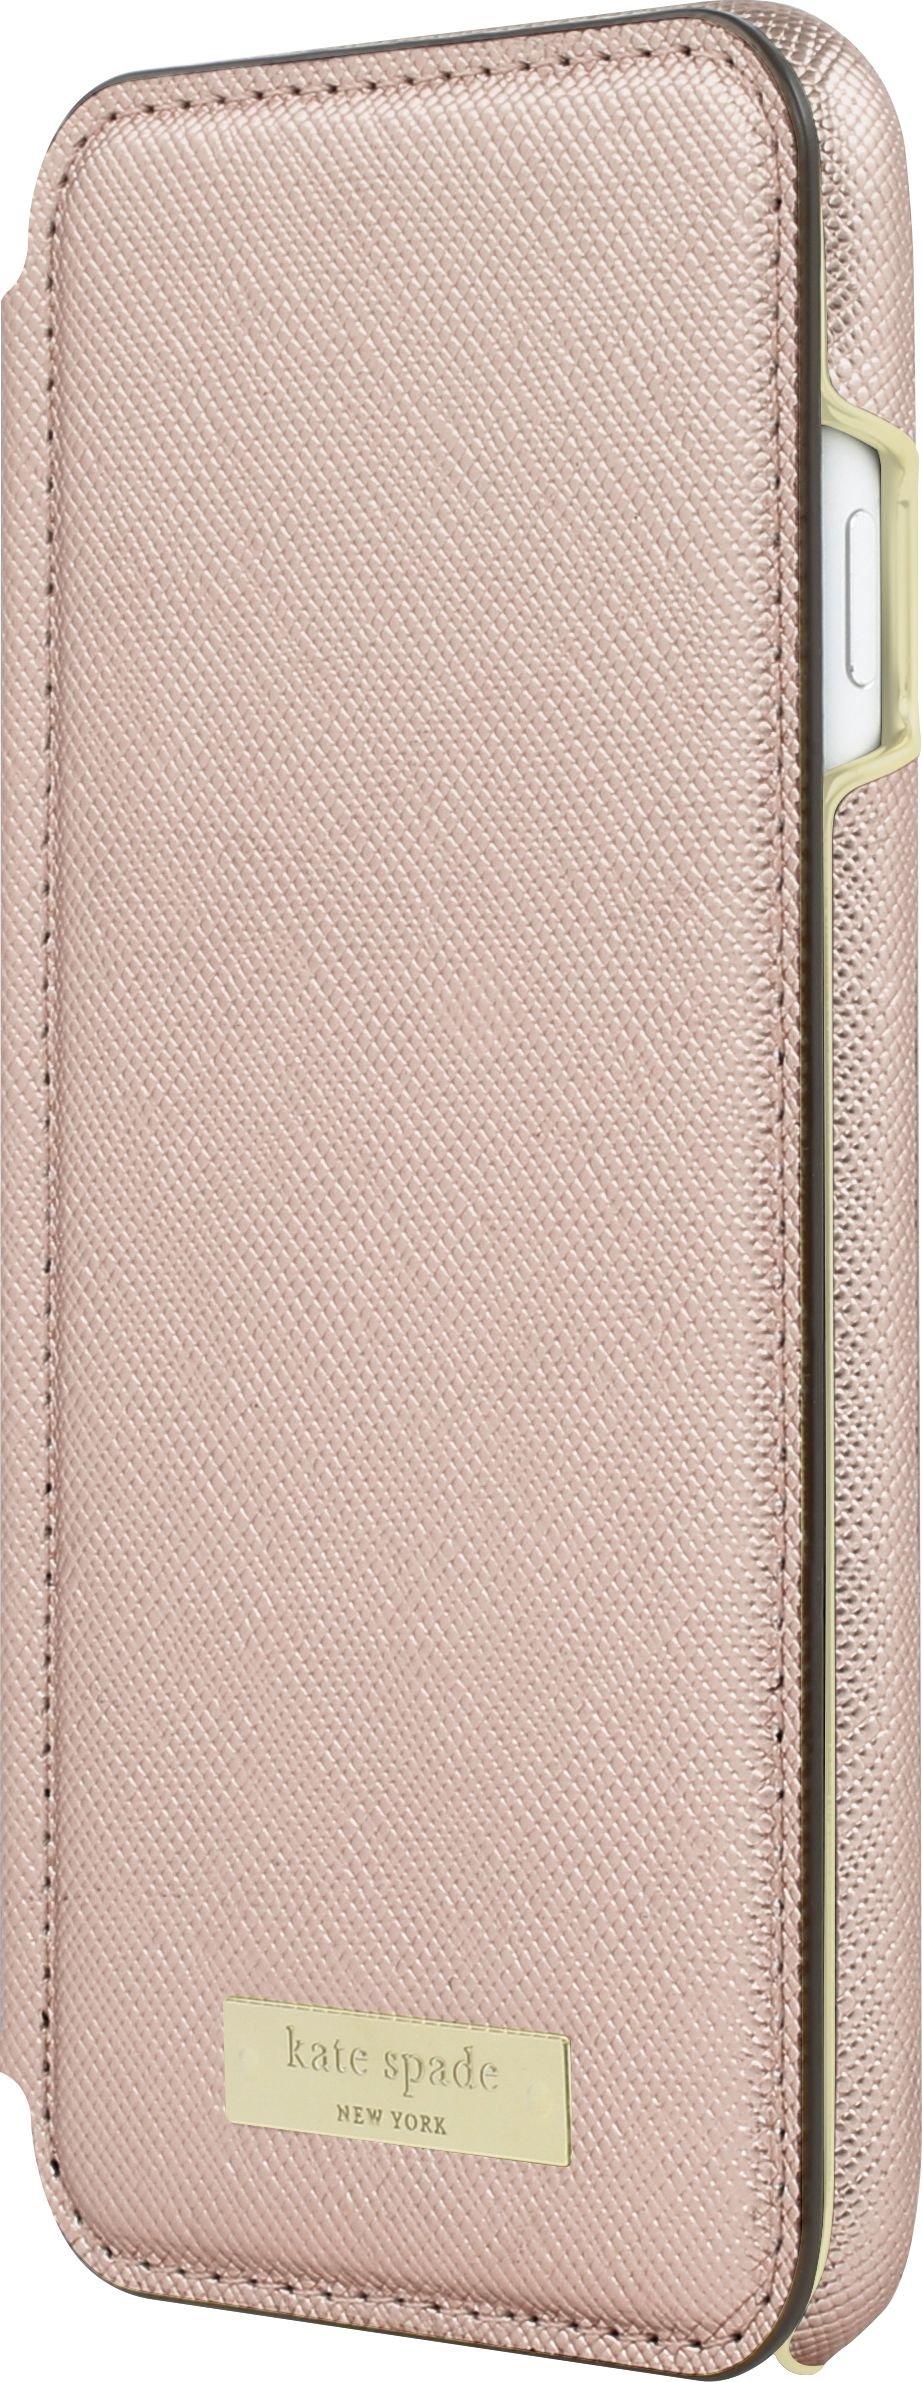 Incipio Apple iPhone 7/8 Kate Spade New York Folio Case - Rose Gold Folio